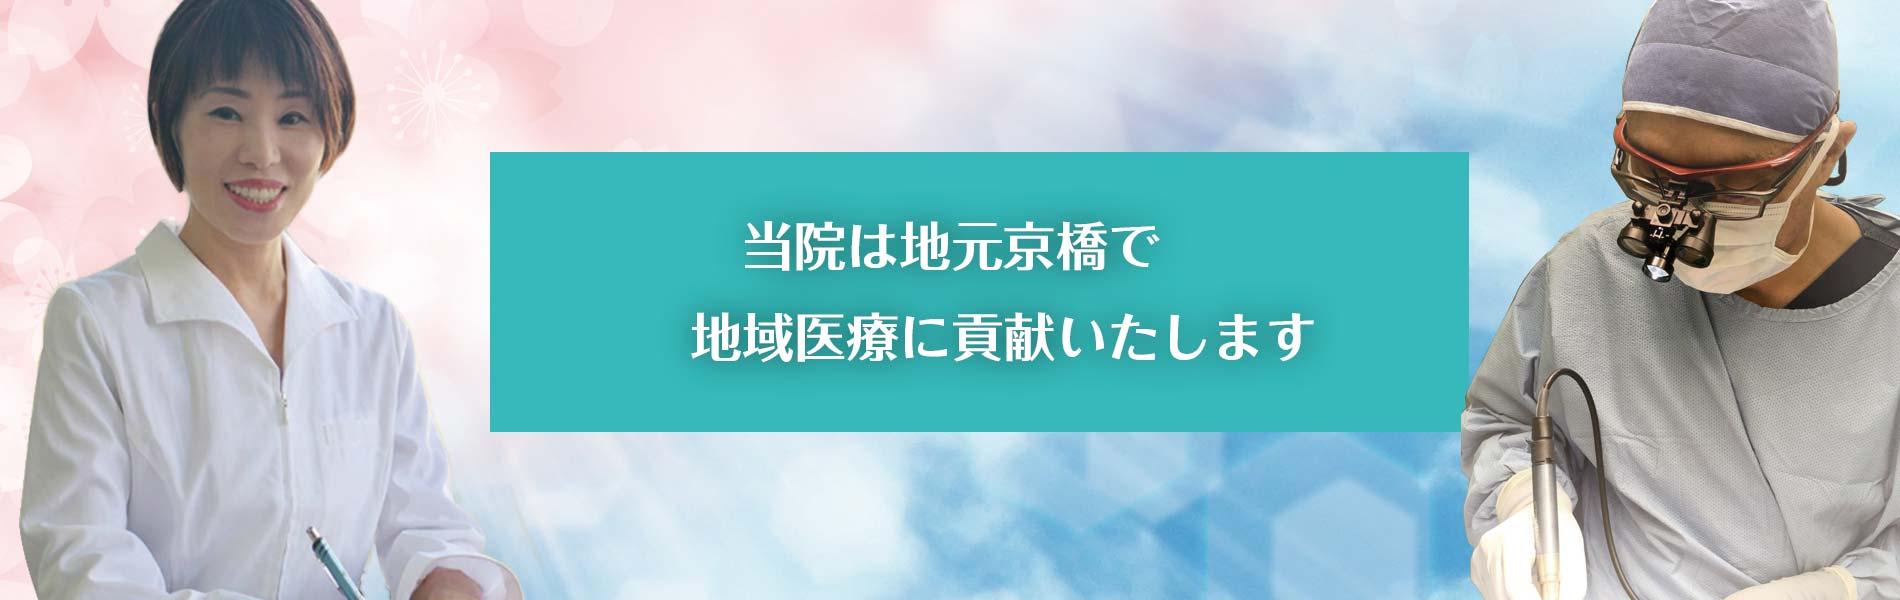 たなか歯科口腔外科クリニックは京橋で地域医療に貢献します